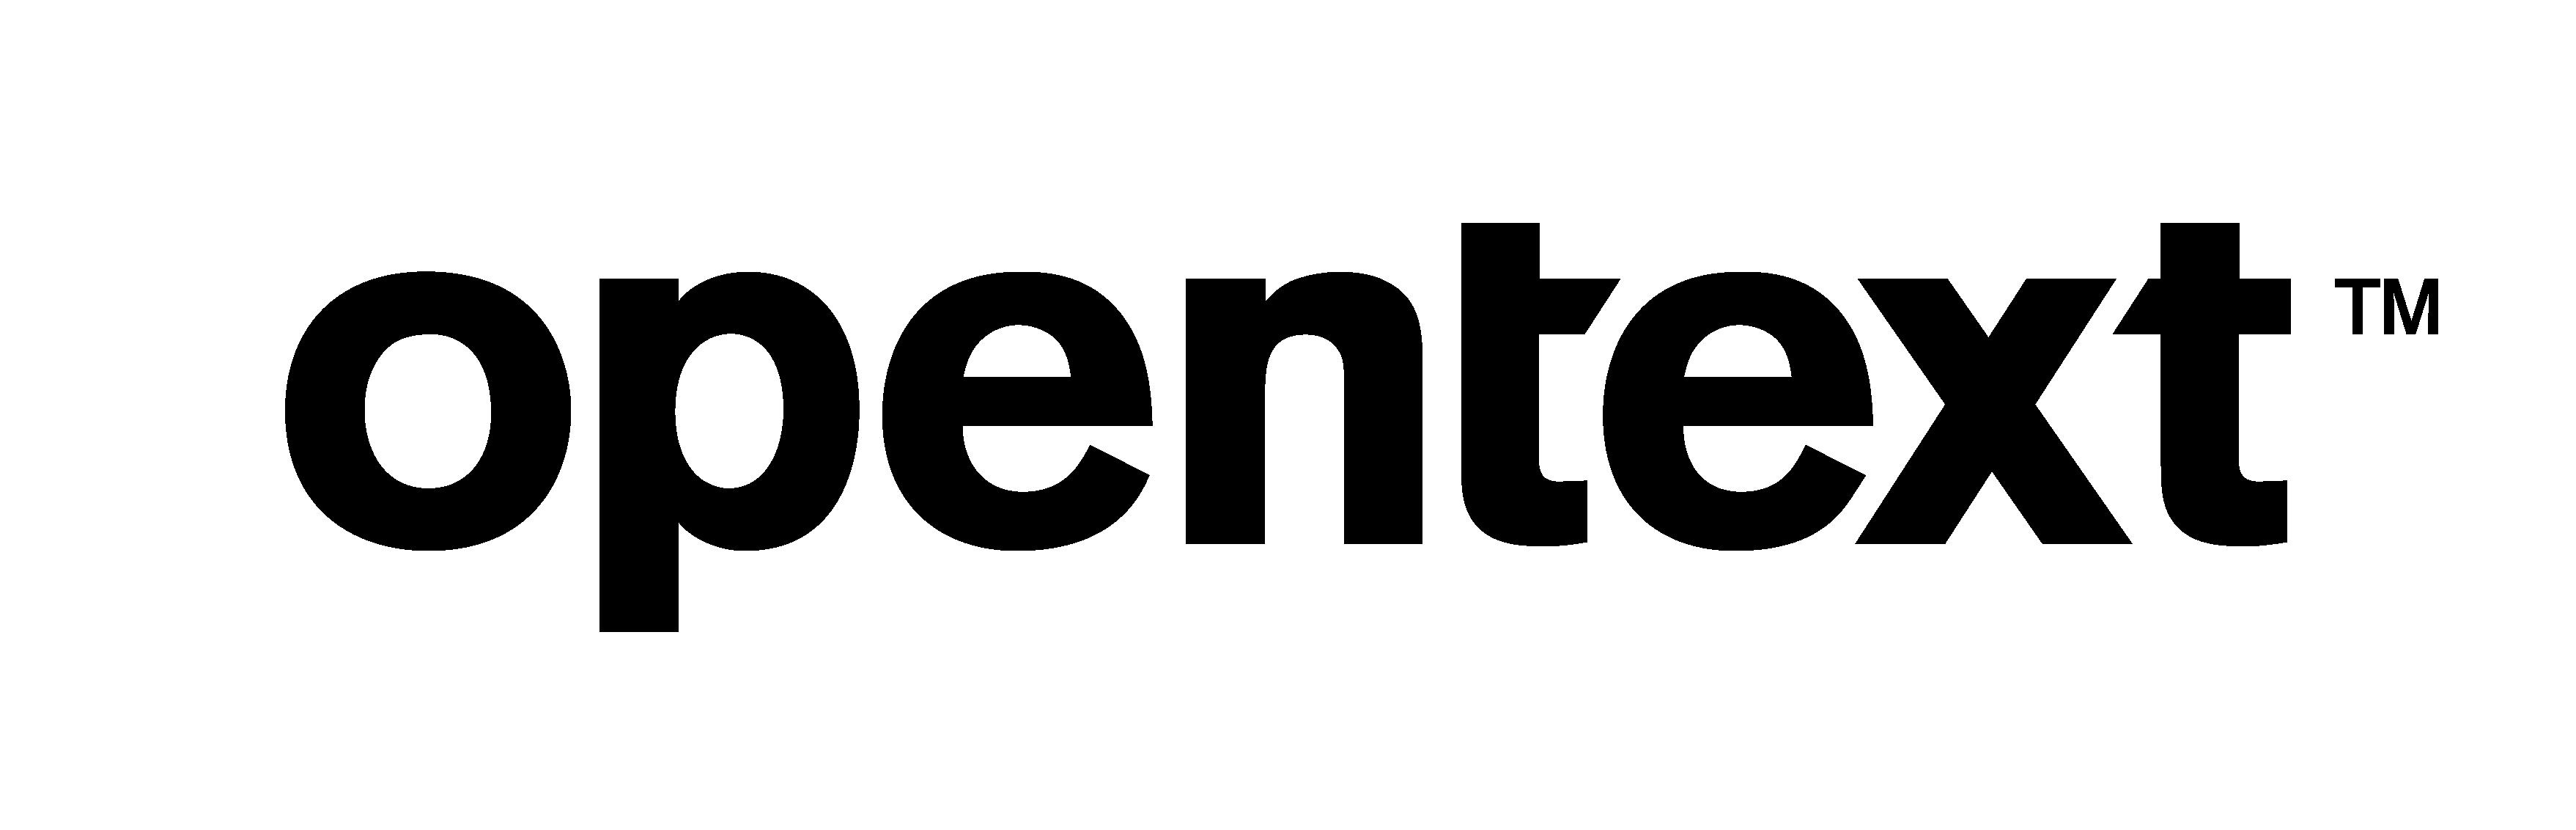 OpenText TeamSite logo